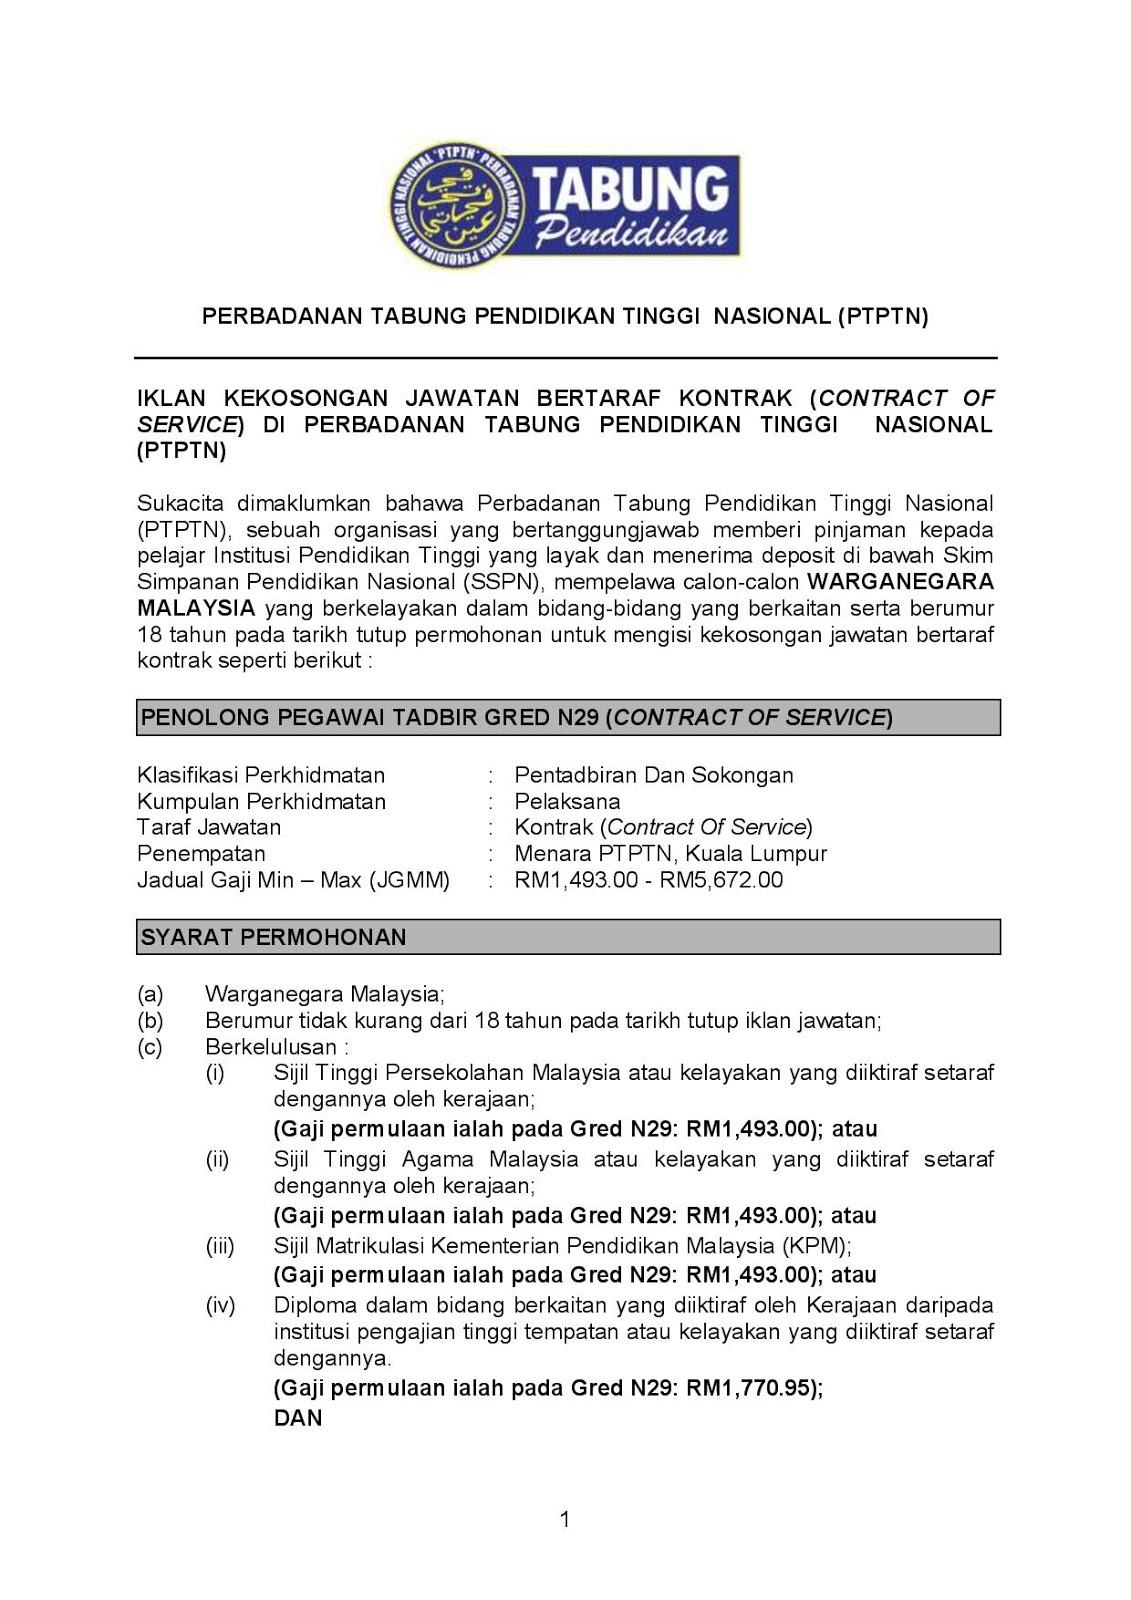 Jawatan Kosong Penolong Pegawai Tadbir N29 Di Ptptn Jobcari Com Jawatan Kosong Terkini